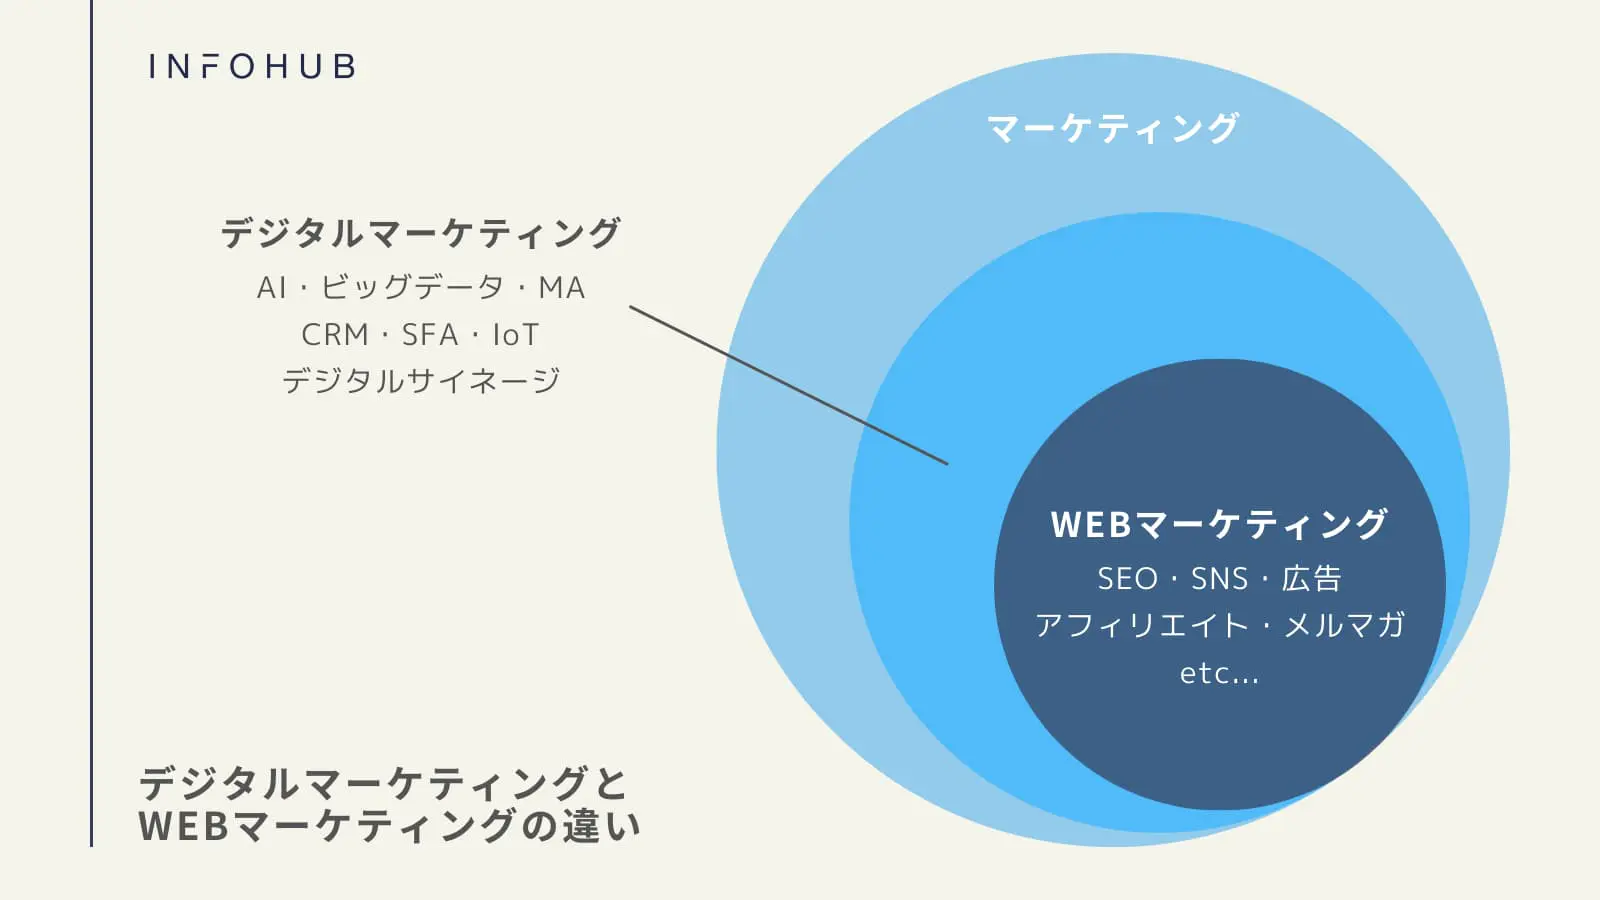 デジタルマーケティングとWebマーケティングの違いについて